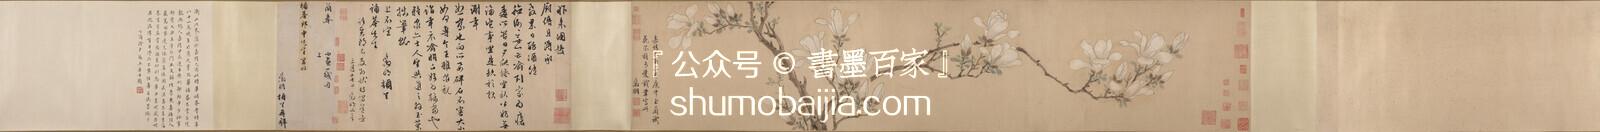 明代-文徵明《白玉兰图卷》27.9x133